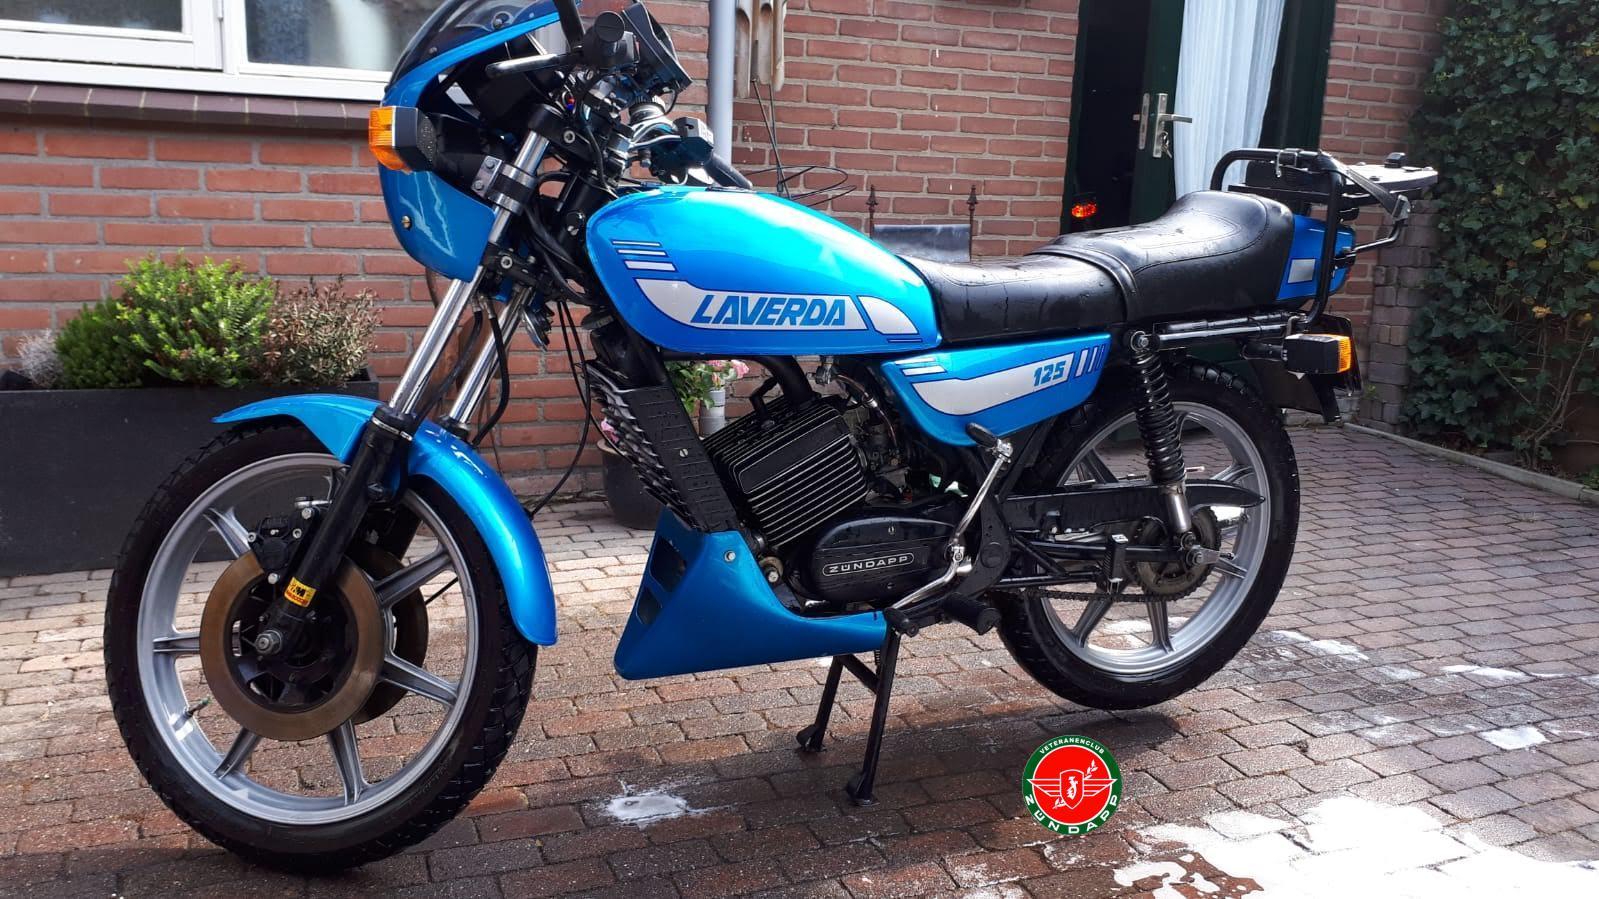 Laverda 125 Lz usato in Italia   vedi tutte i 59 prezzi!